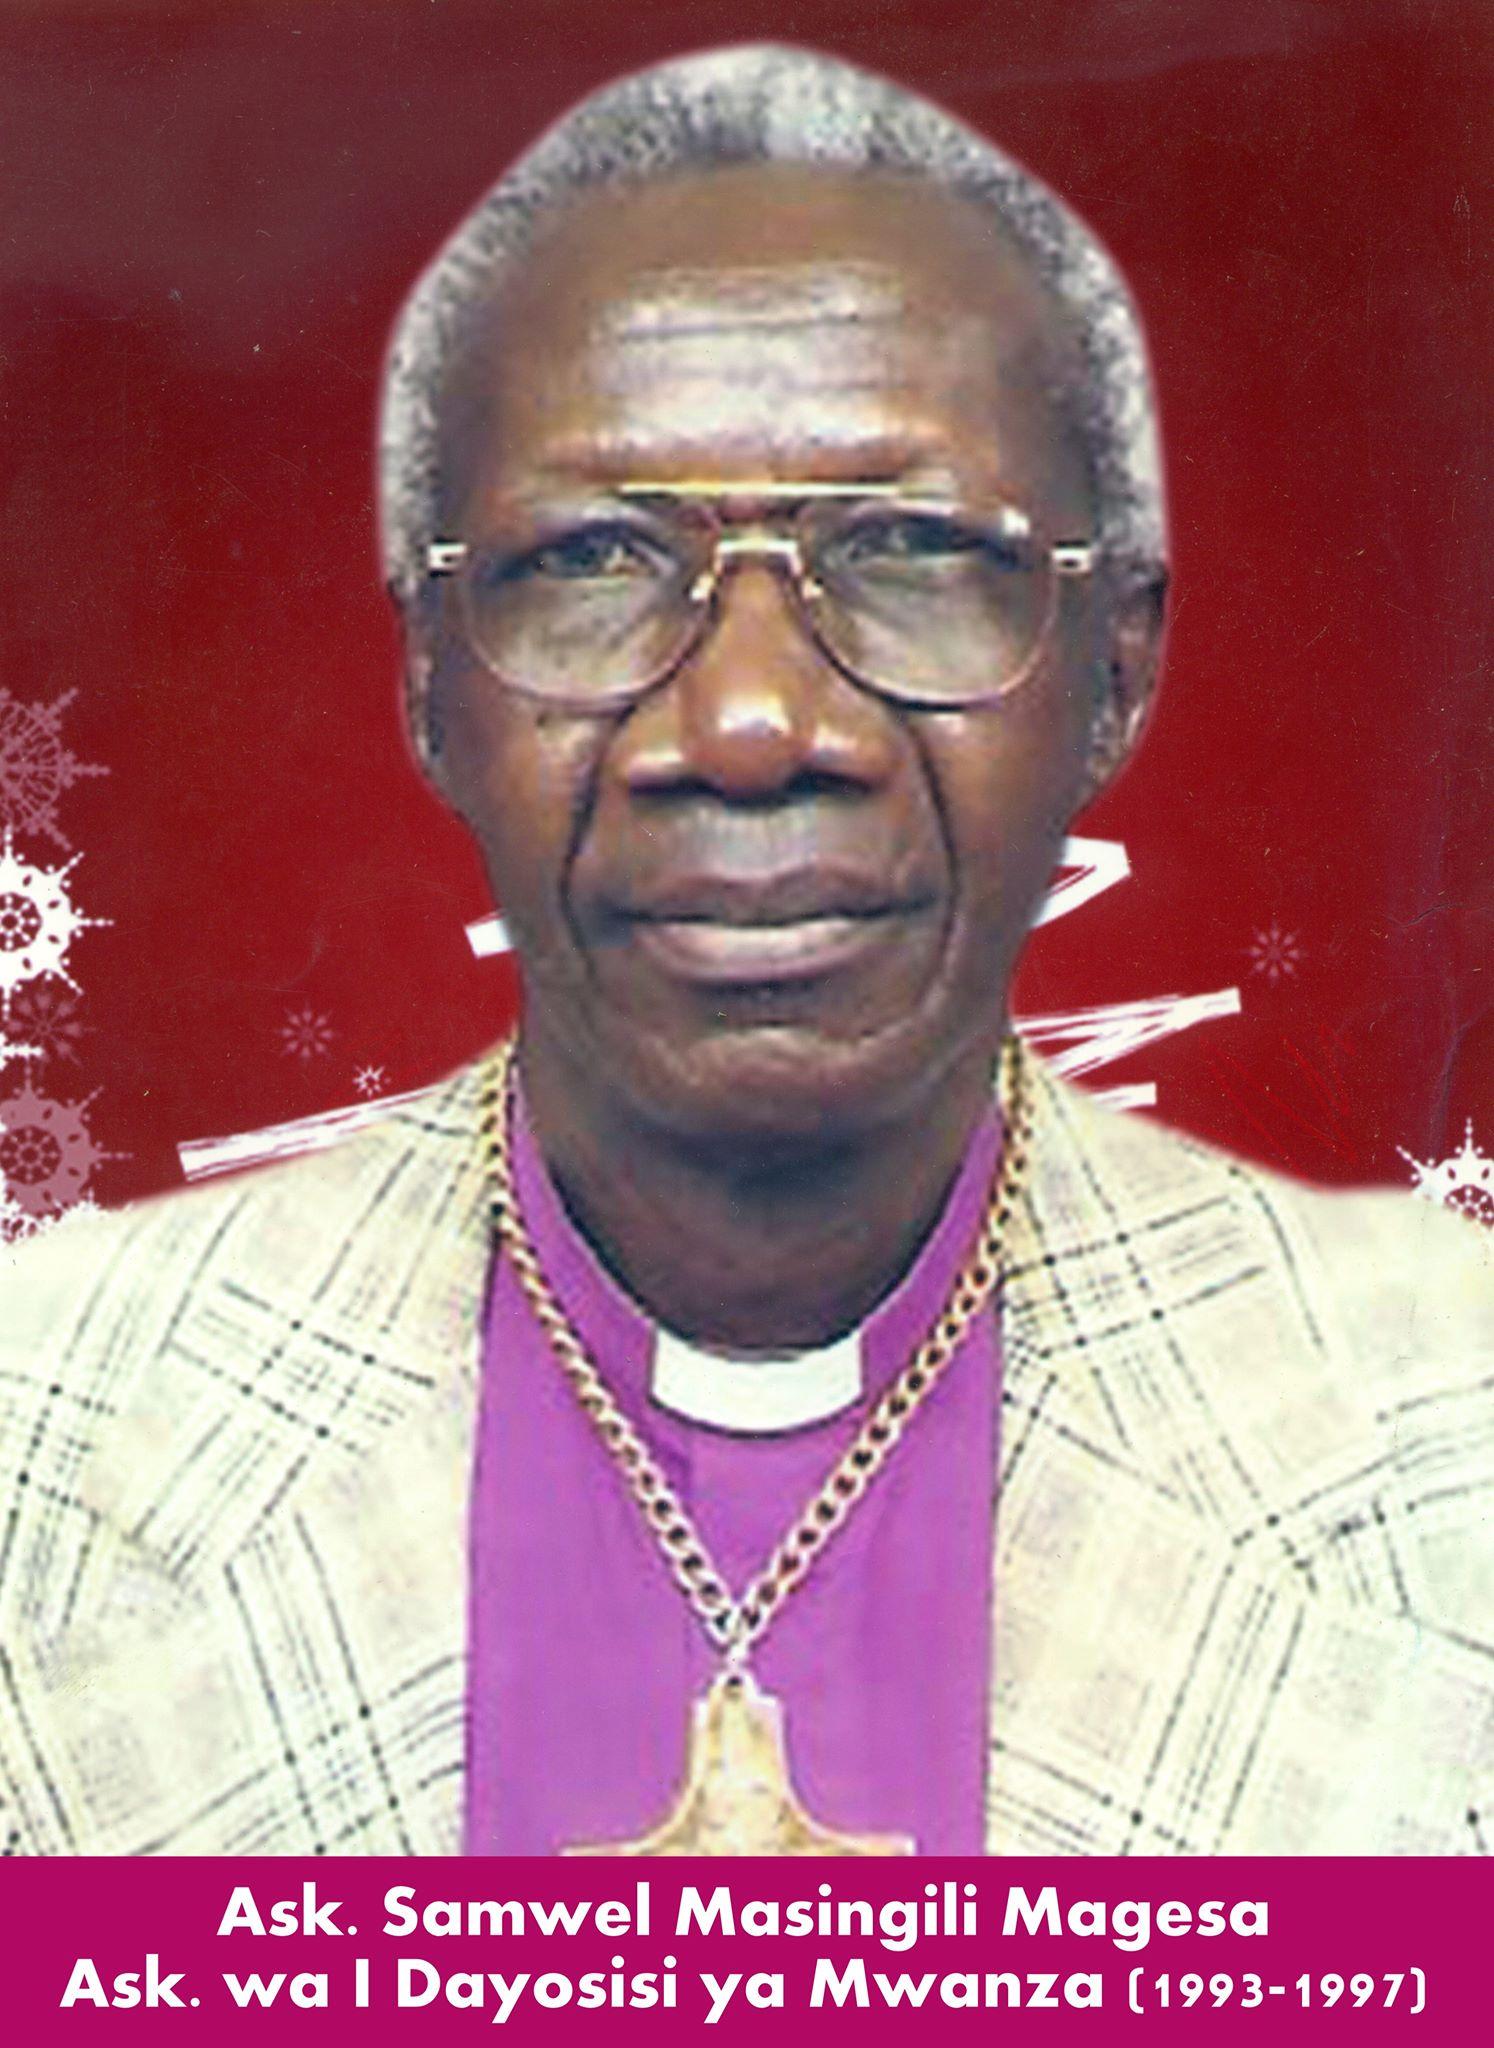 Bishop Samweli Masingili Magesa